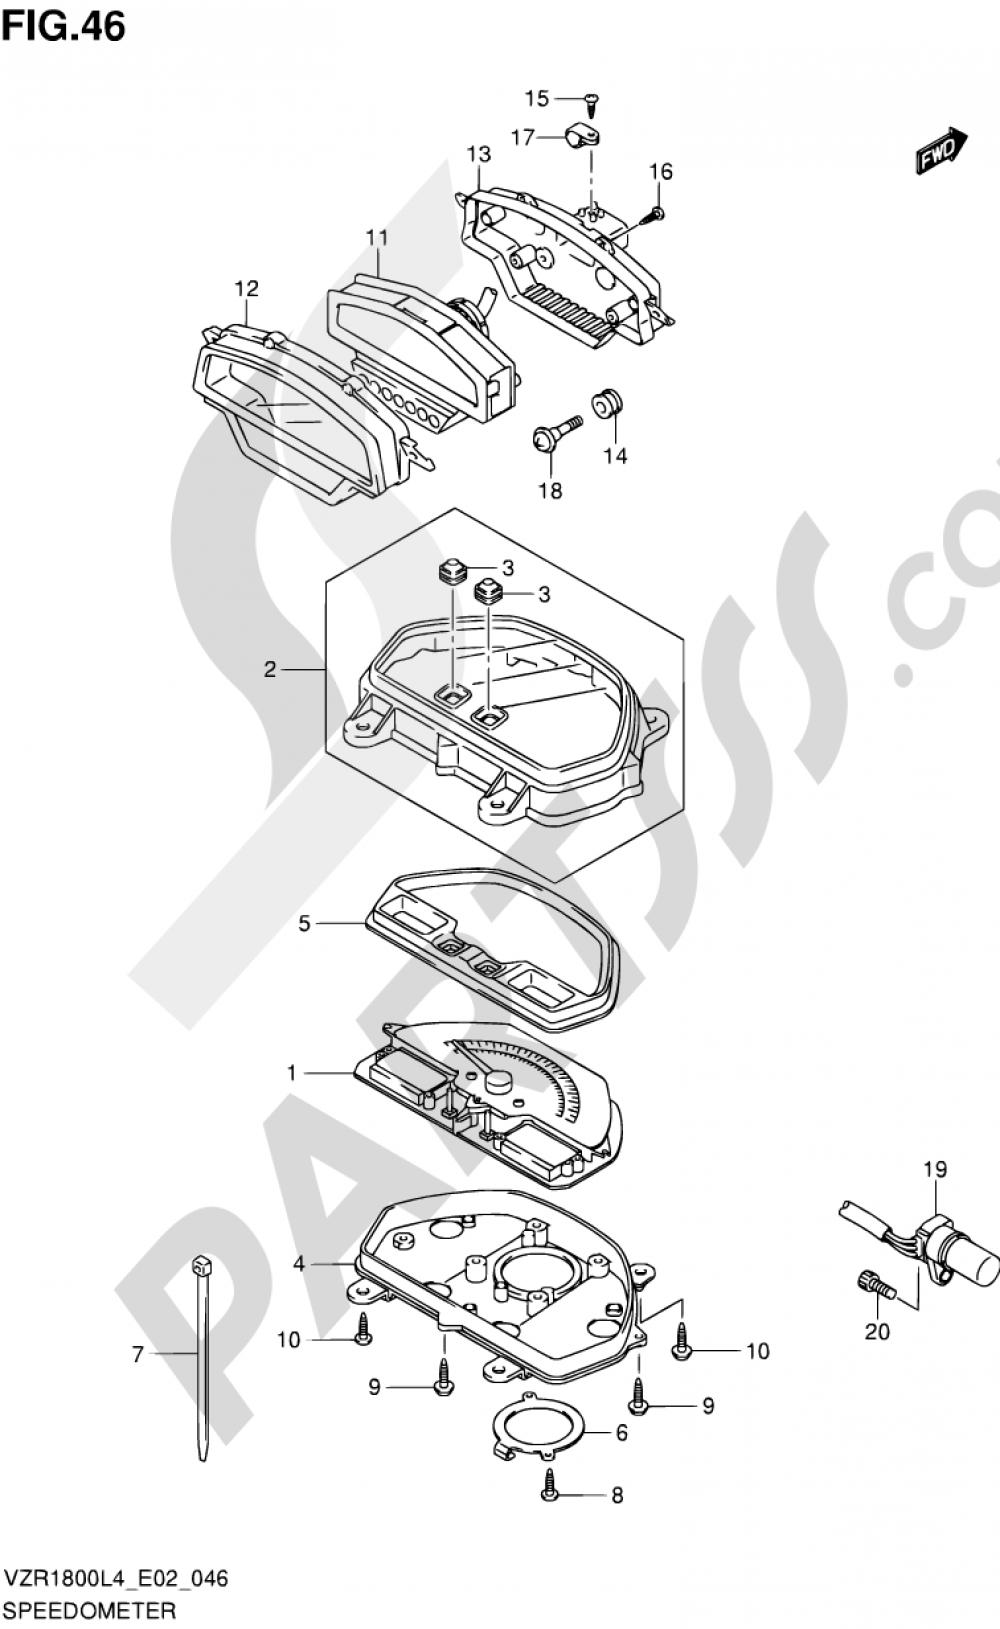 46 - SPEEDOMETER (VZR1800ZUFL4 E19) Suzuki VZR1800Z 2014